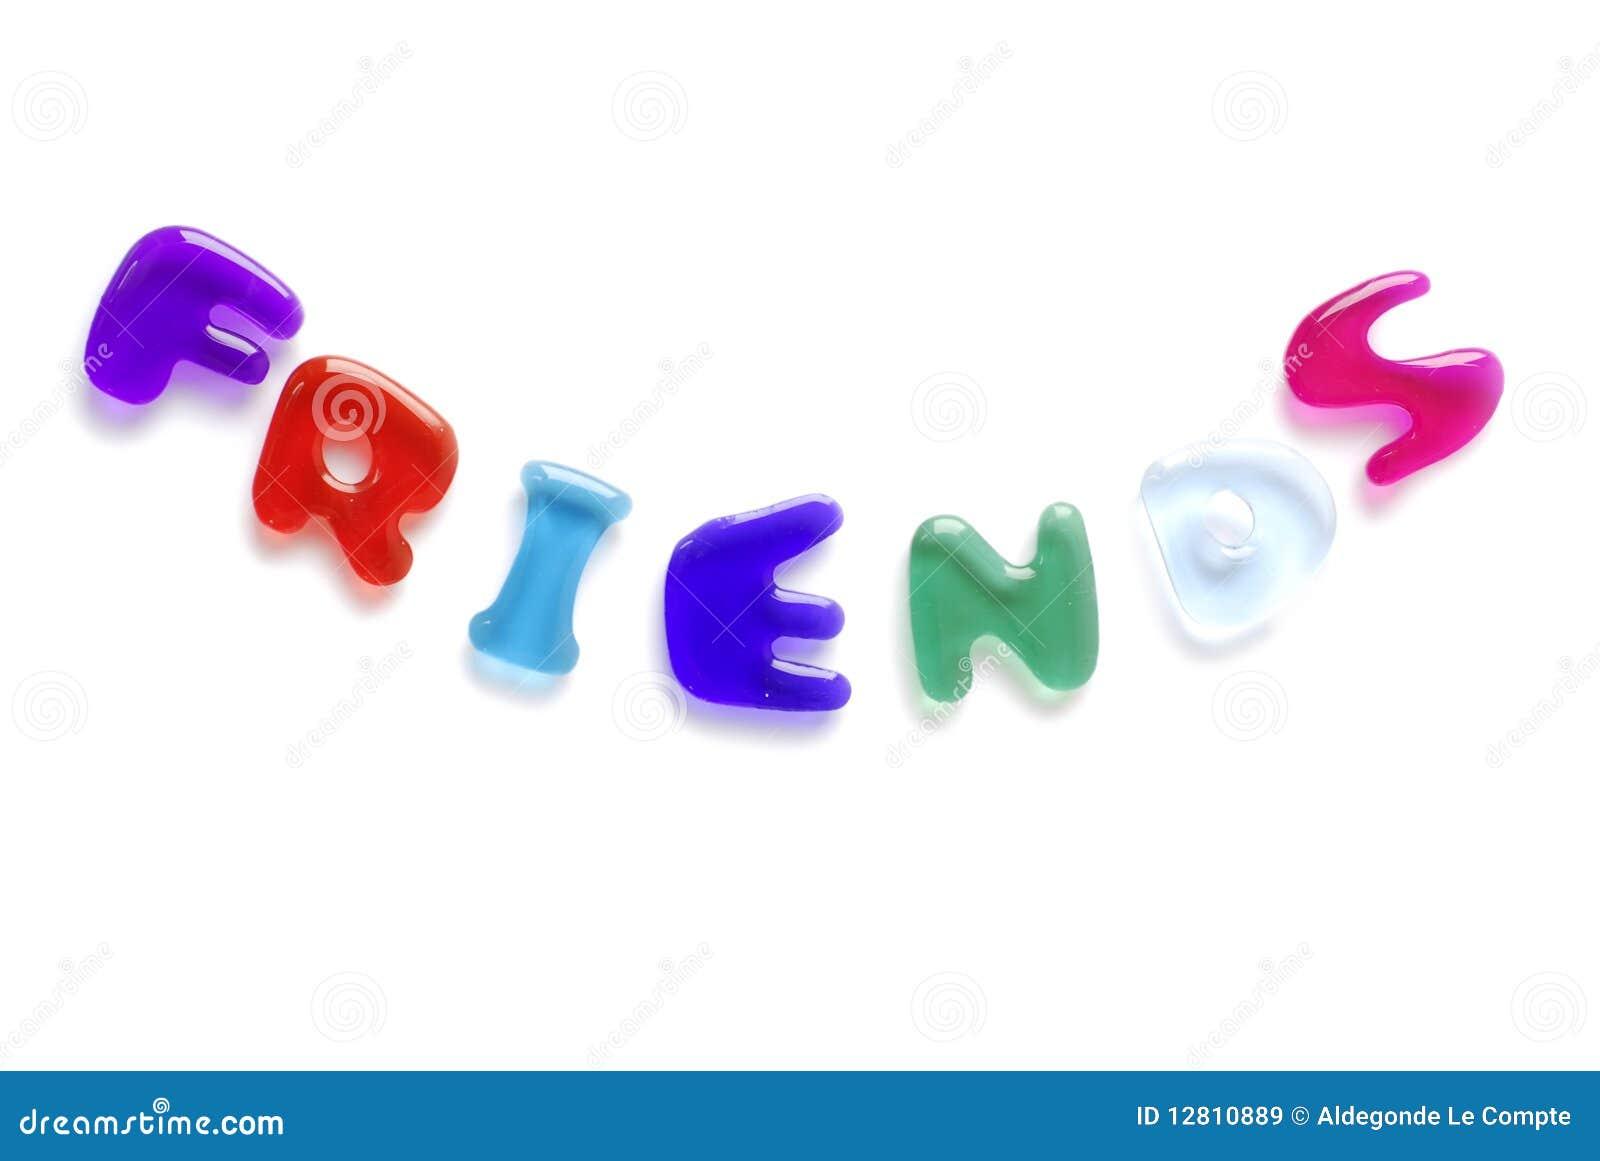 Amigos escritos em letras da geléia